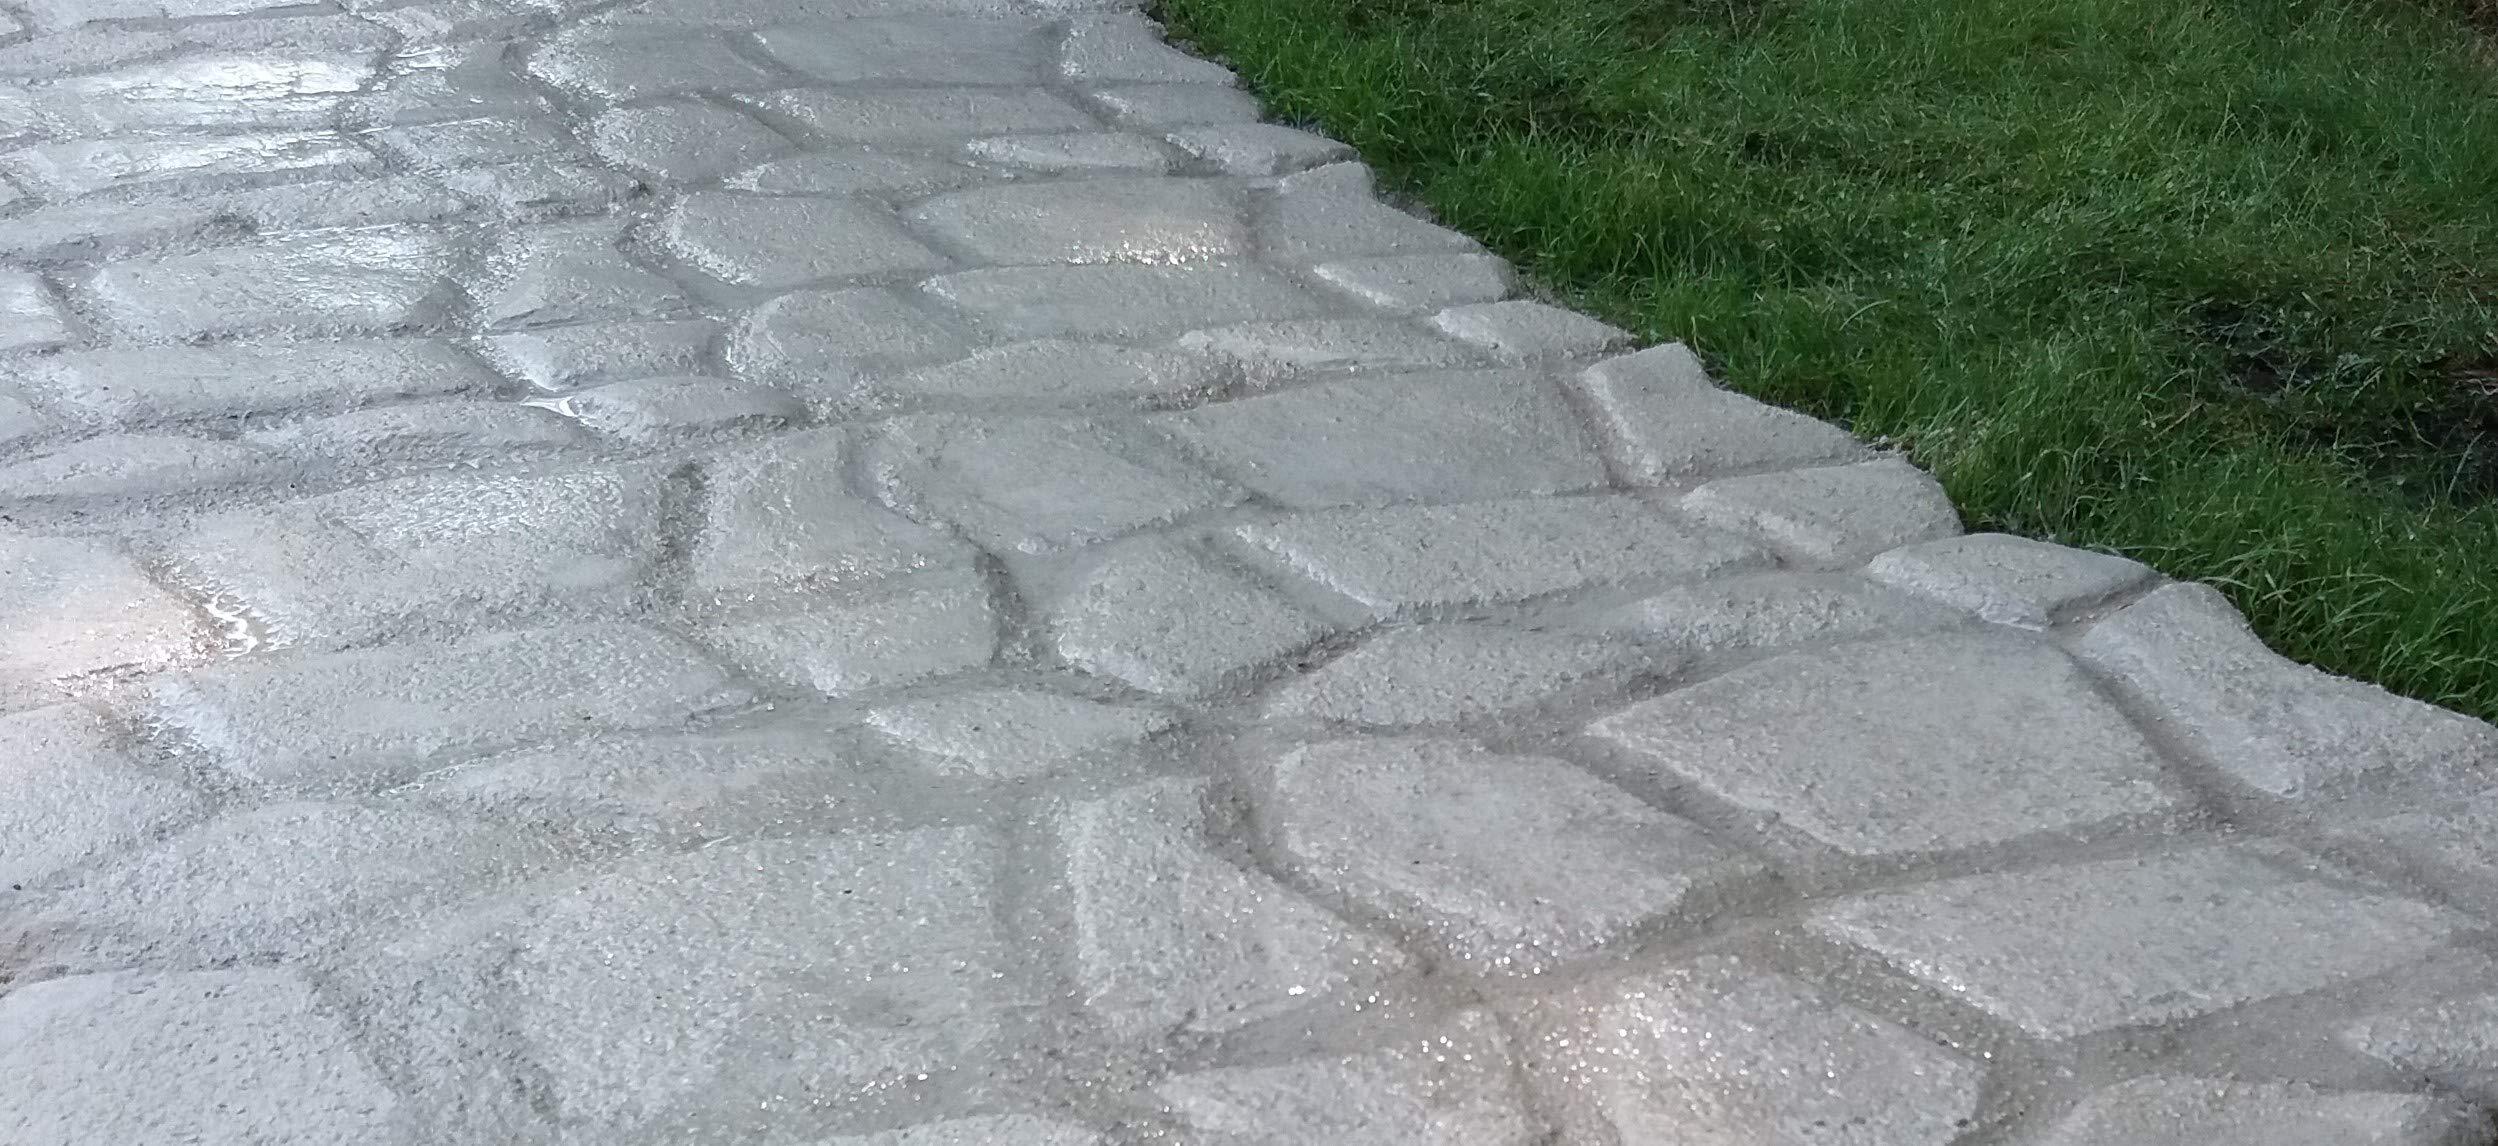 Molde para suelo de hormigón o cemento | Plantilla de piedras para estampado de suelo exterior: camino, porche, patio, jardín y terraza | Patrón de bricolaje para hacer pavimento impreso adoquinado